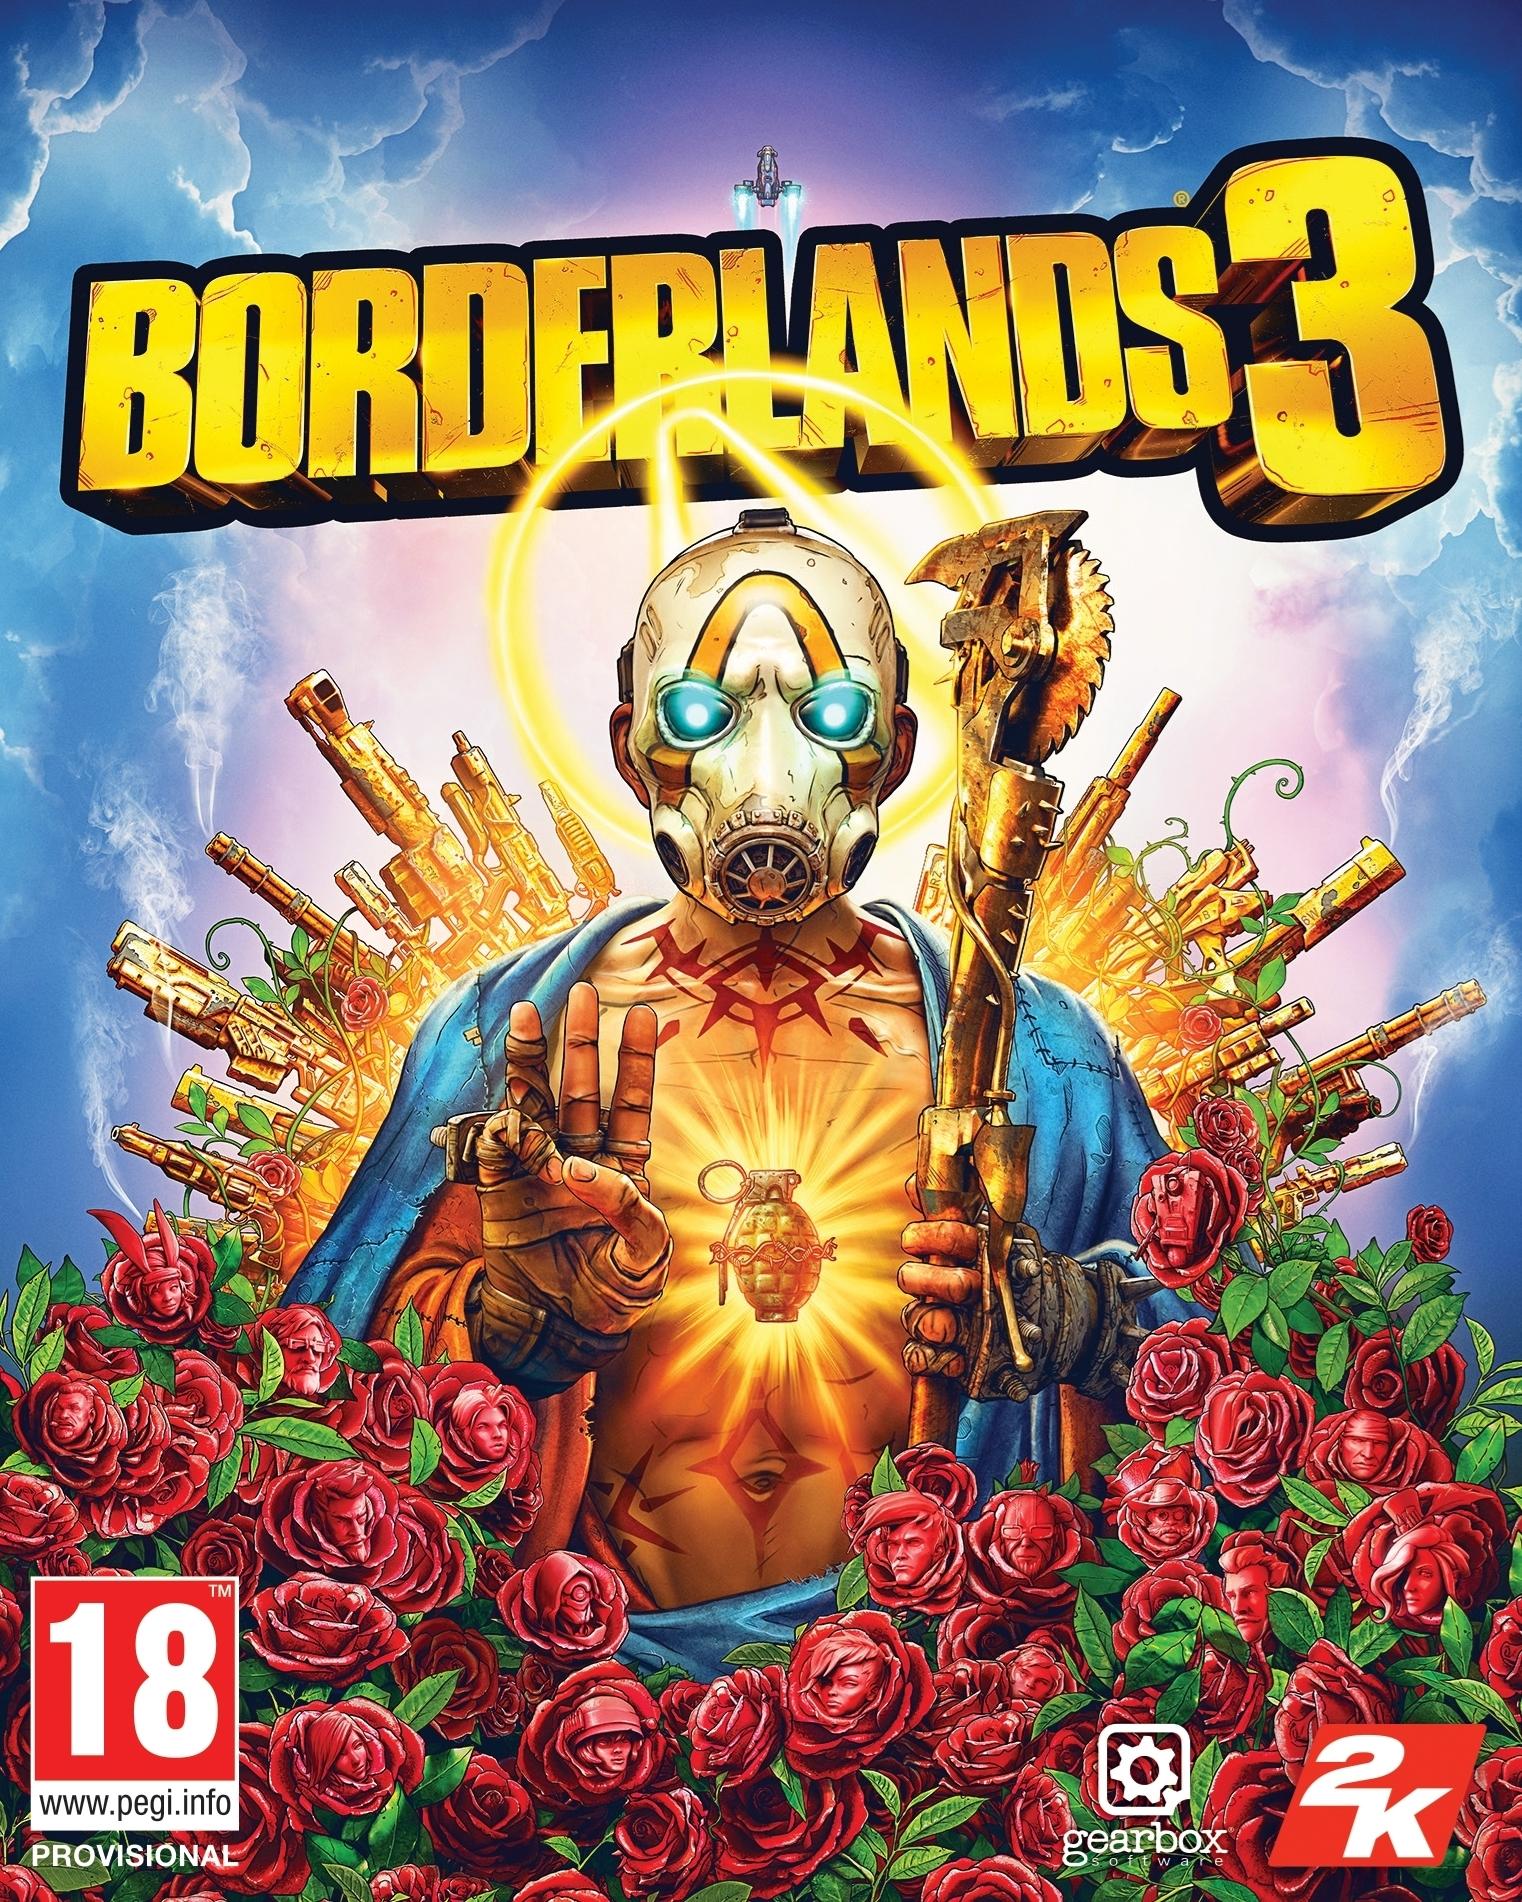 Borderlands 3 (Steam) | ROW (9deaa411-0d87-42d6-b0f6-5d1f1c9c104a)